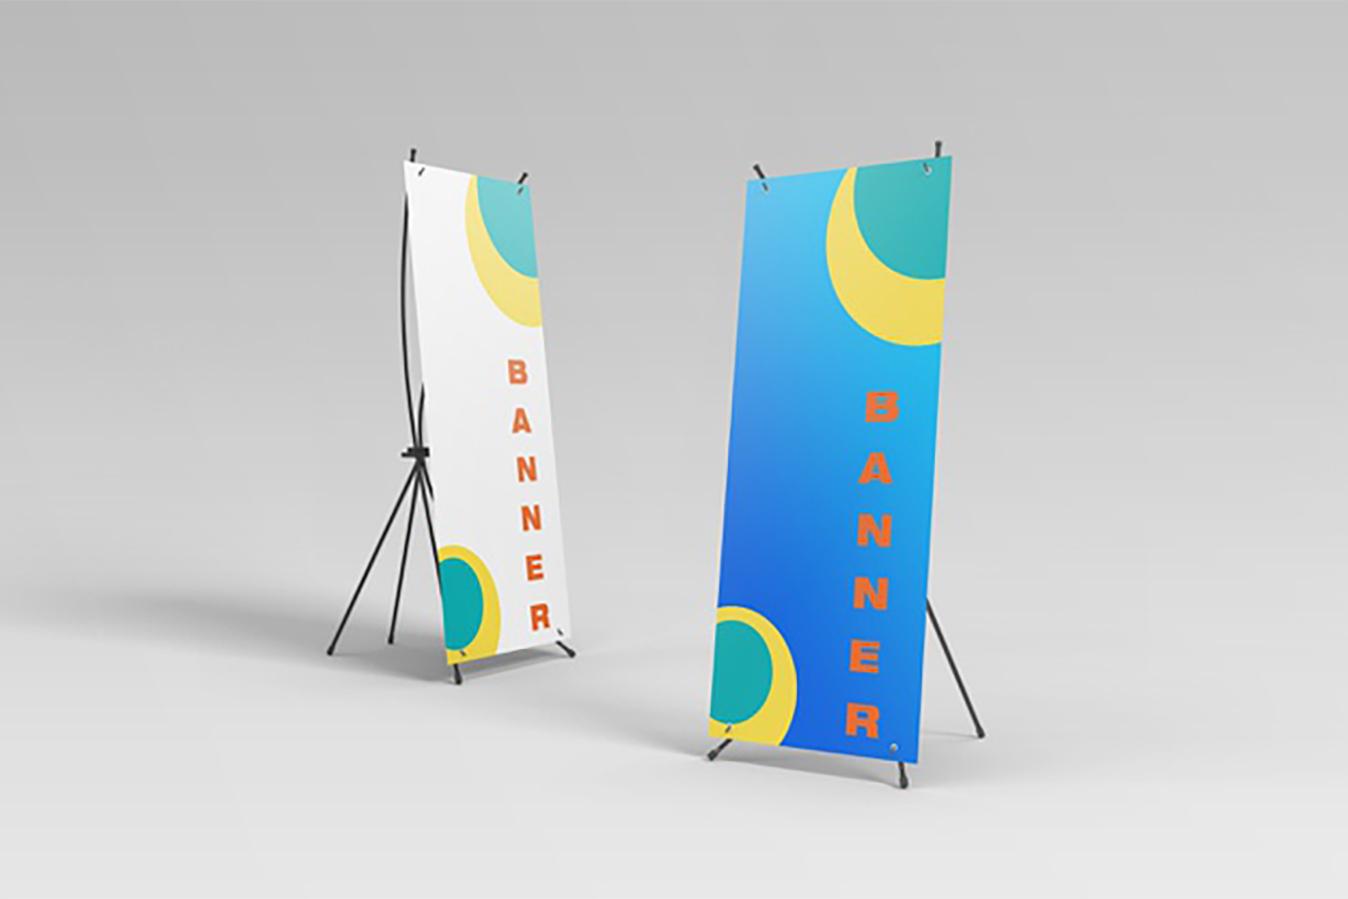 x-banner-1348X899